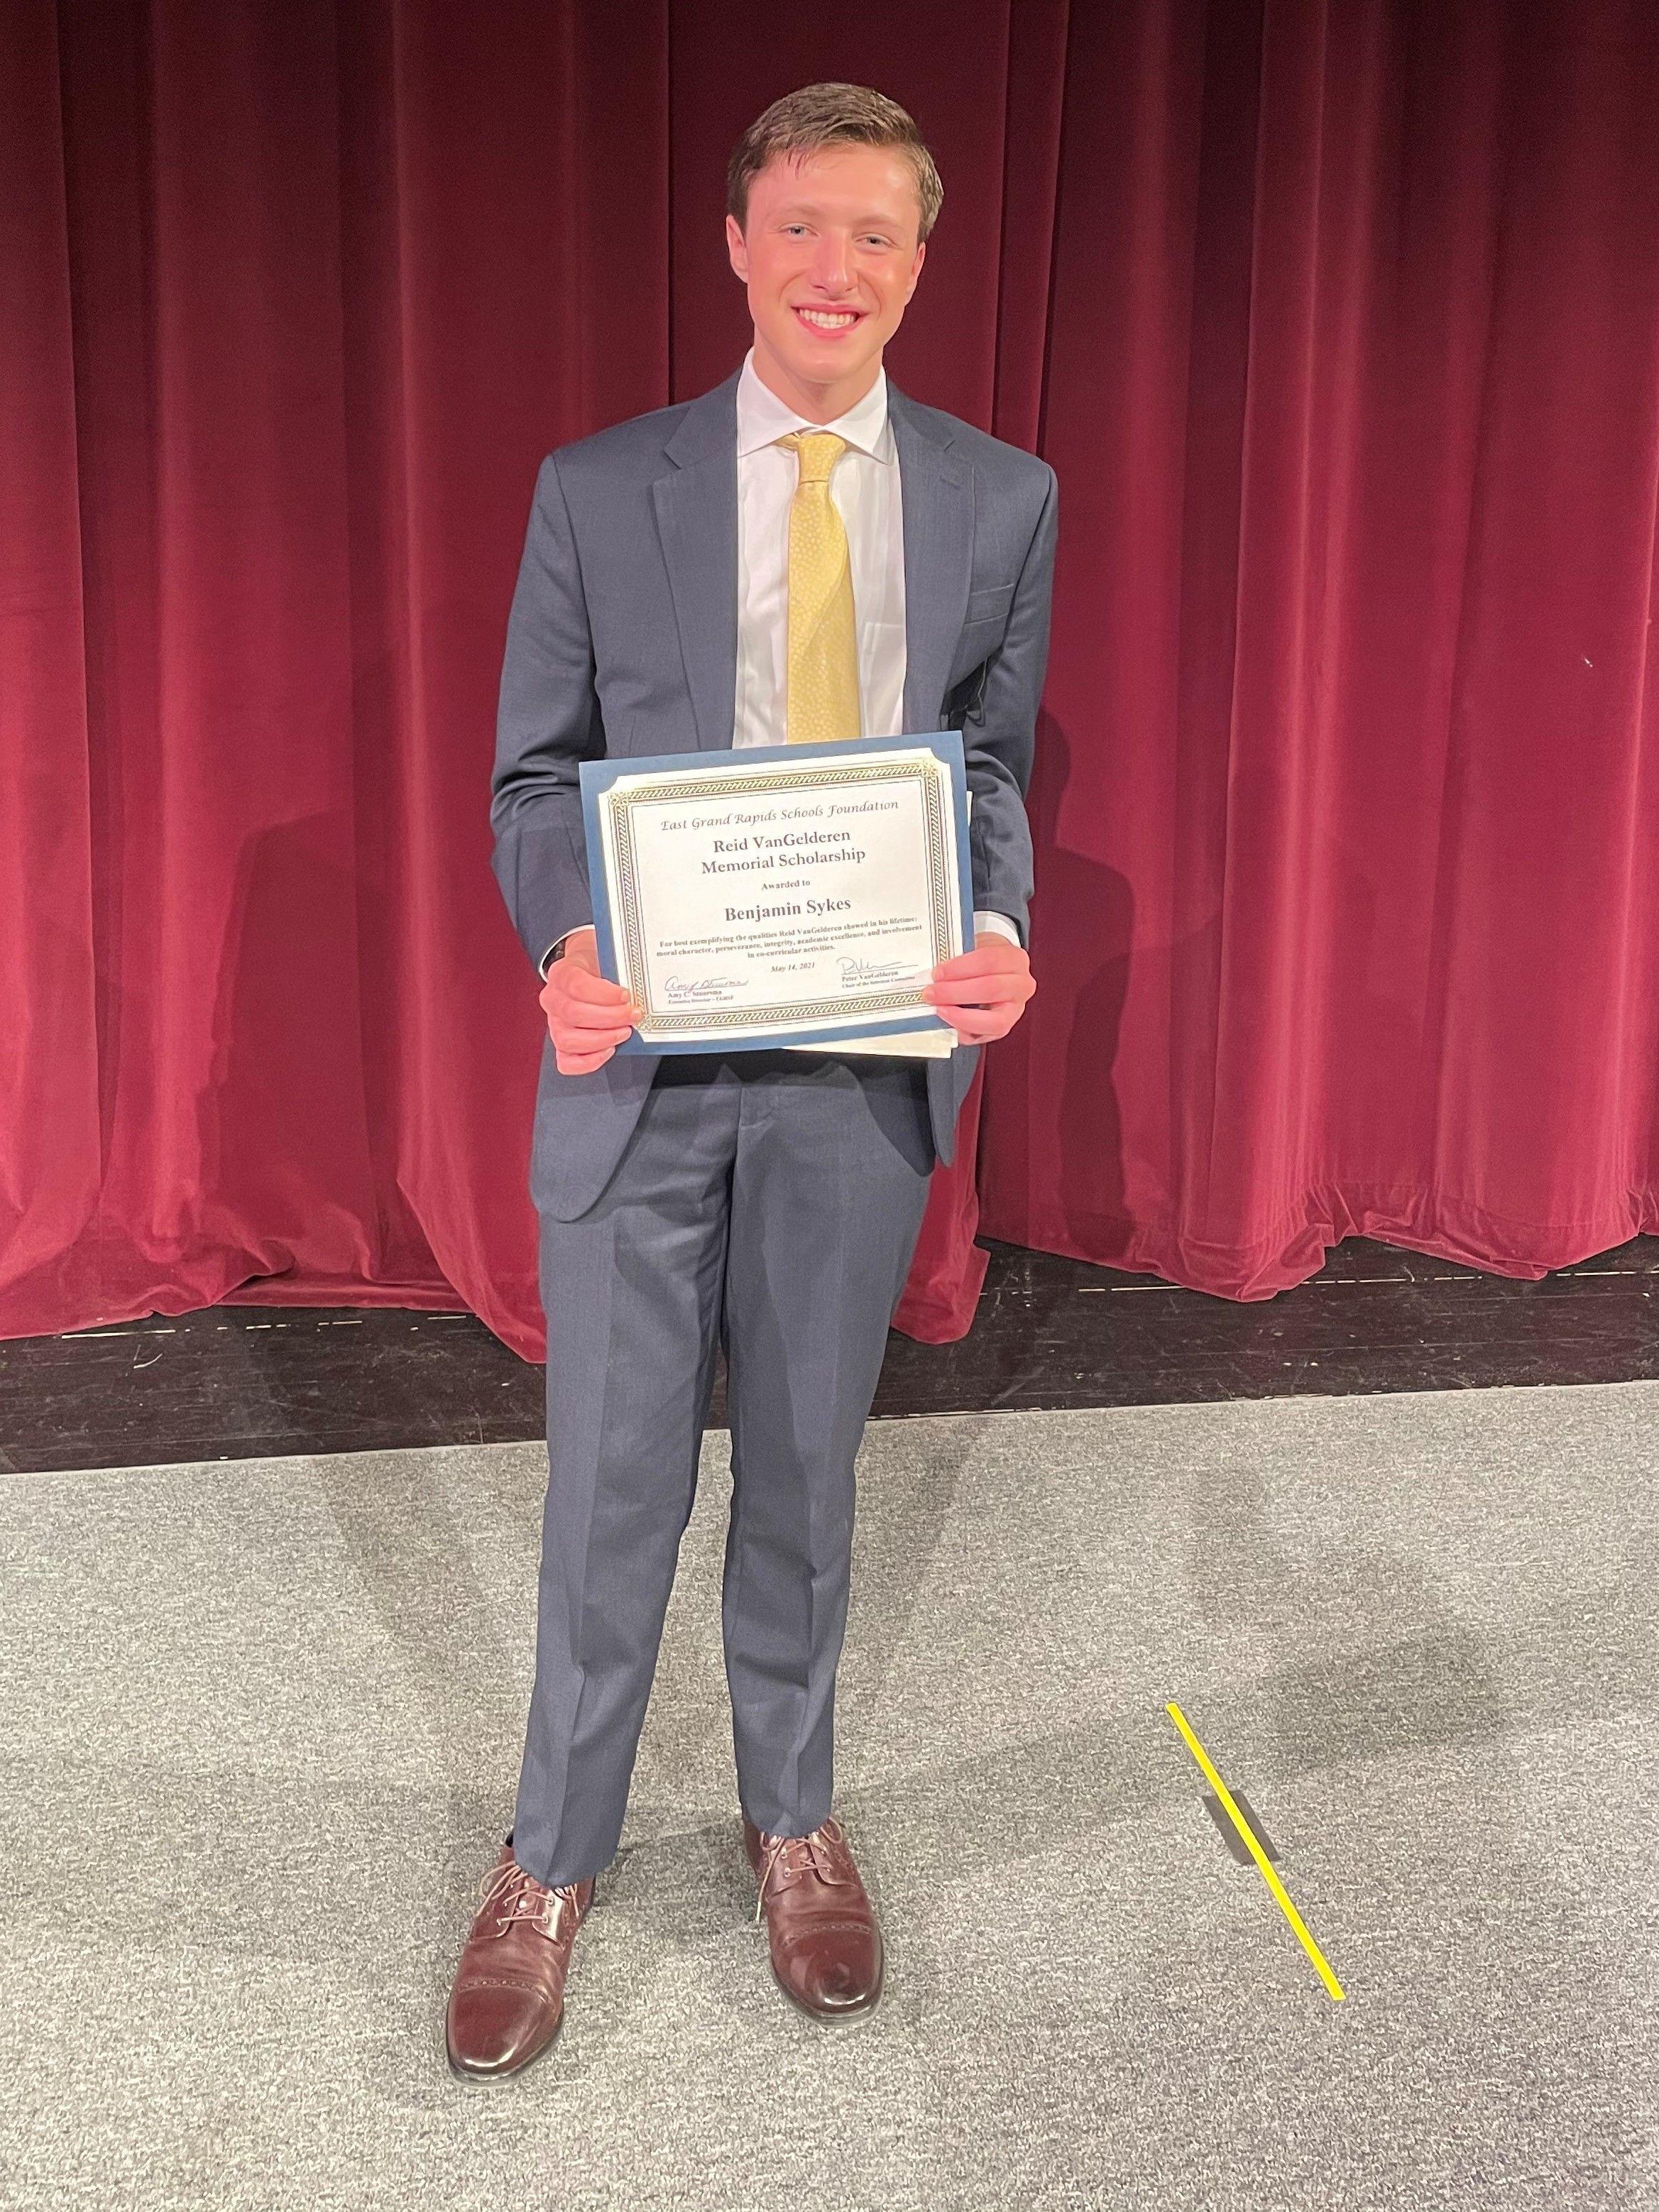 Ben Sykes - Reid VanGelderen Memorial Scholarship